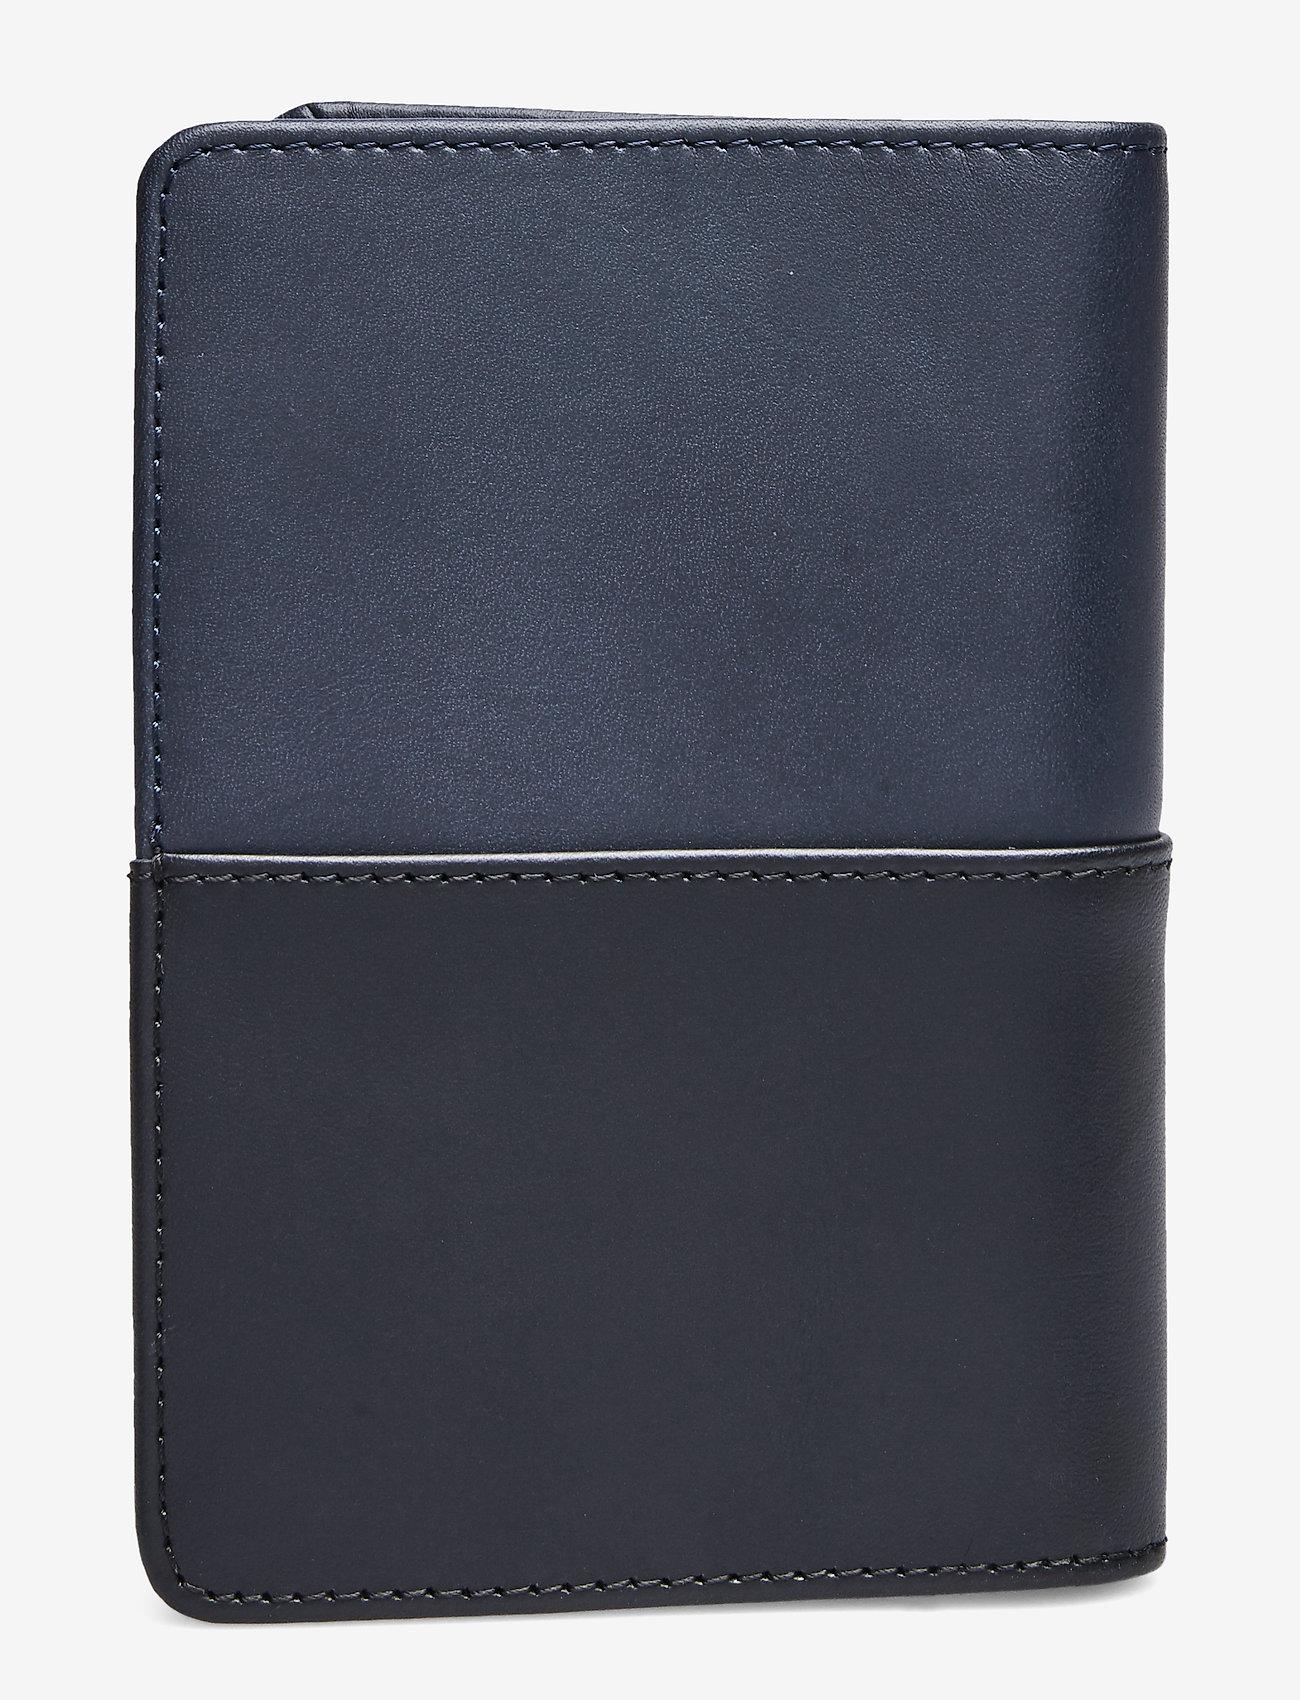 SANDQVIST - MALTE - wallets & cases - navy / black - 1